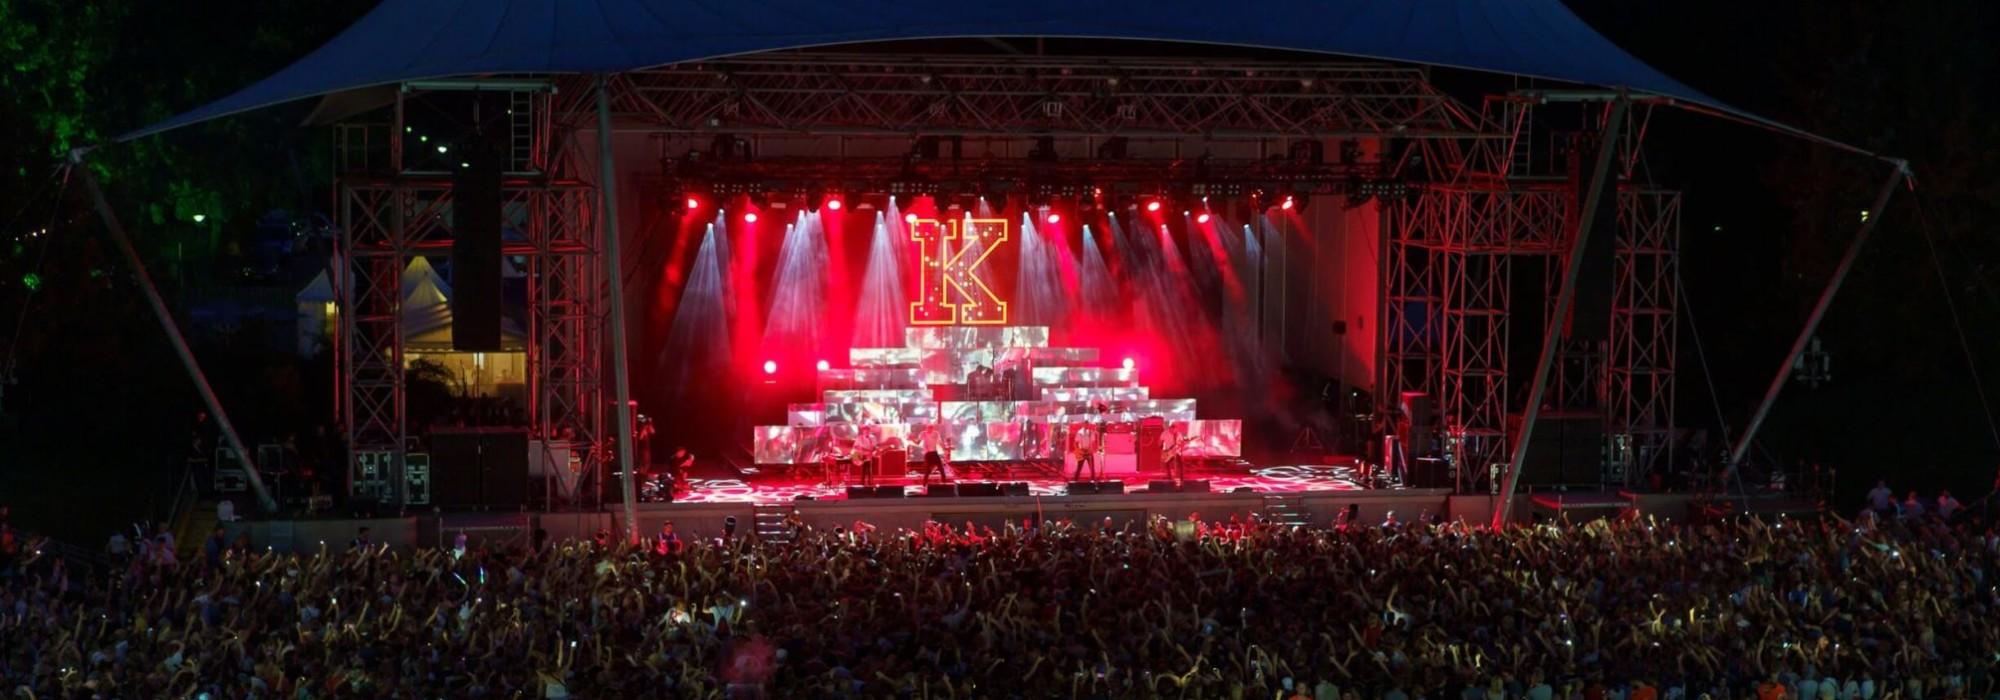 Kraftklub - Choreographie Liveshow 2018 Pic8